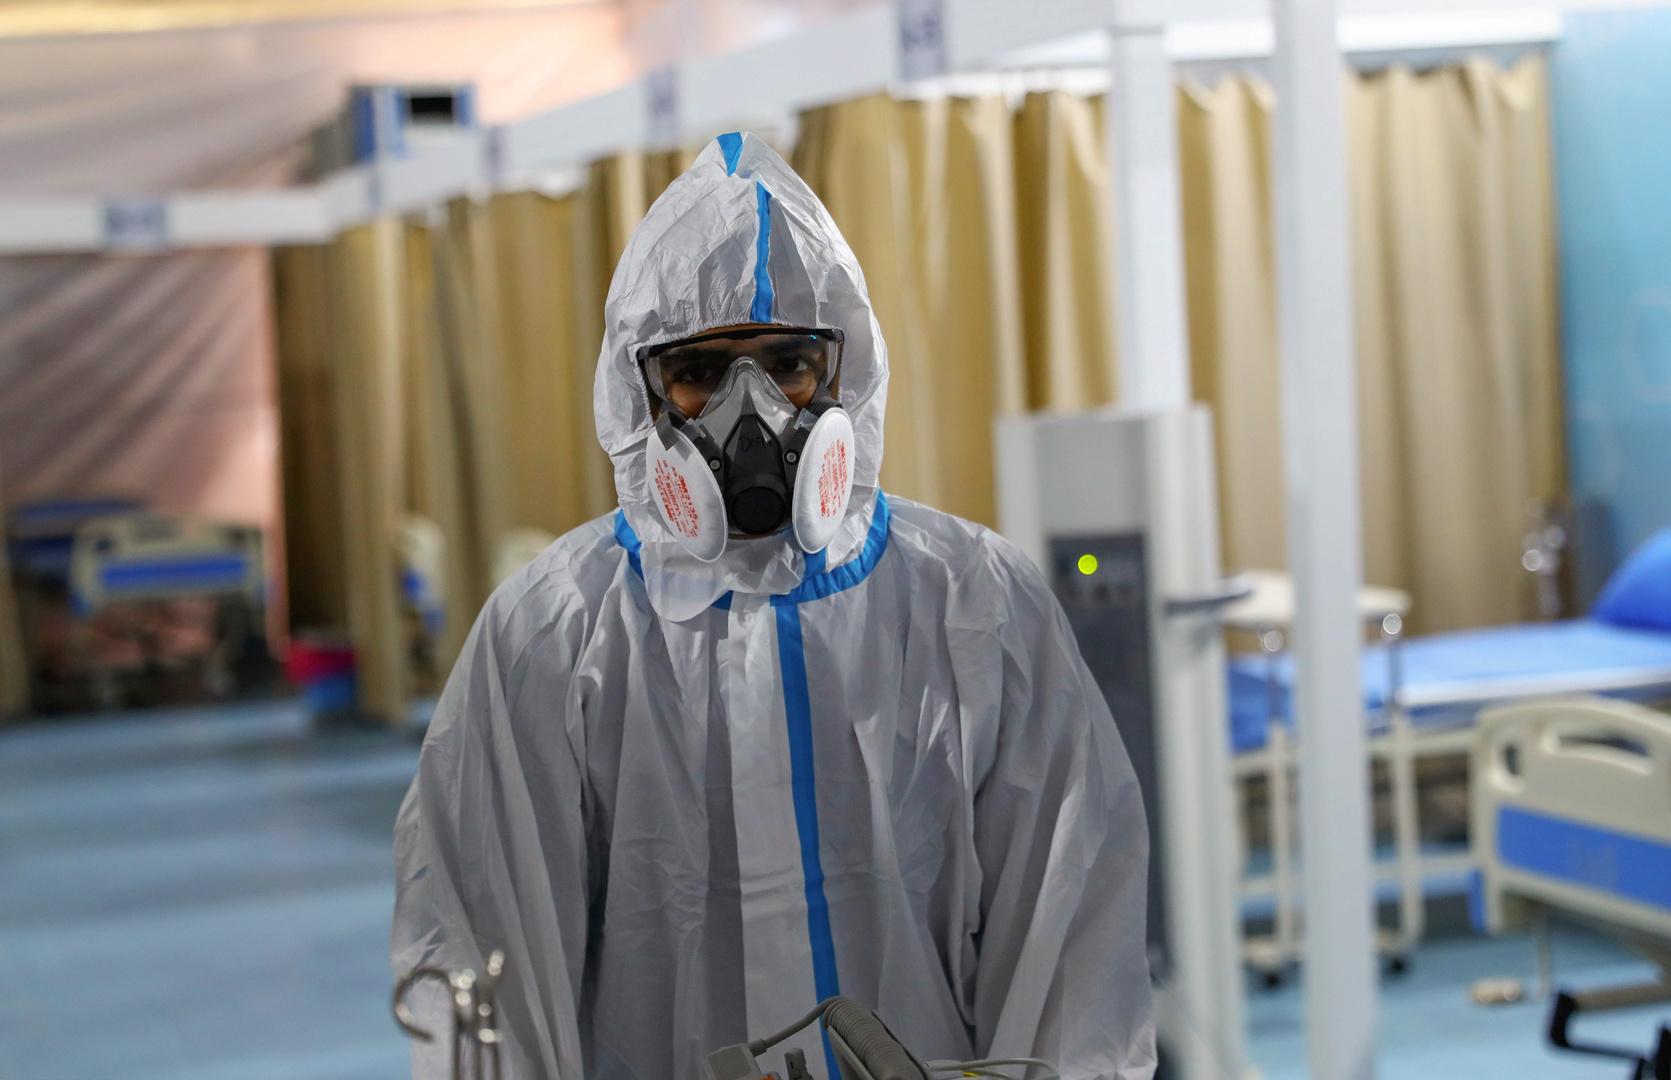 مصر تعلن نسبة خطورة انتشار فيروس كورونا في البلاد